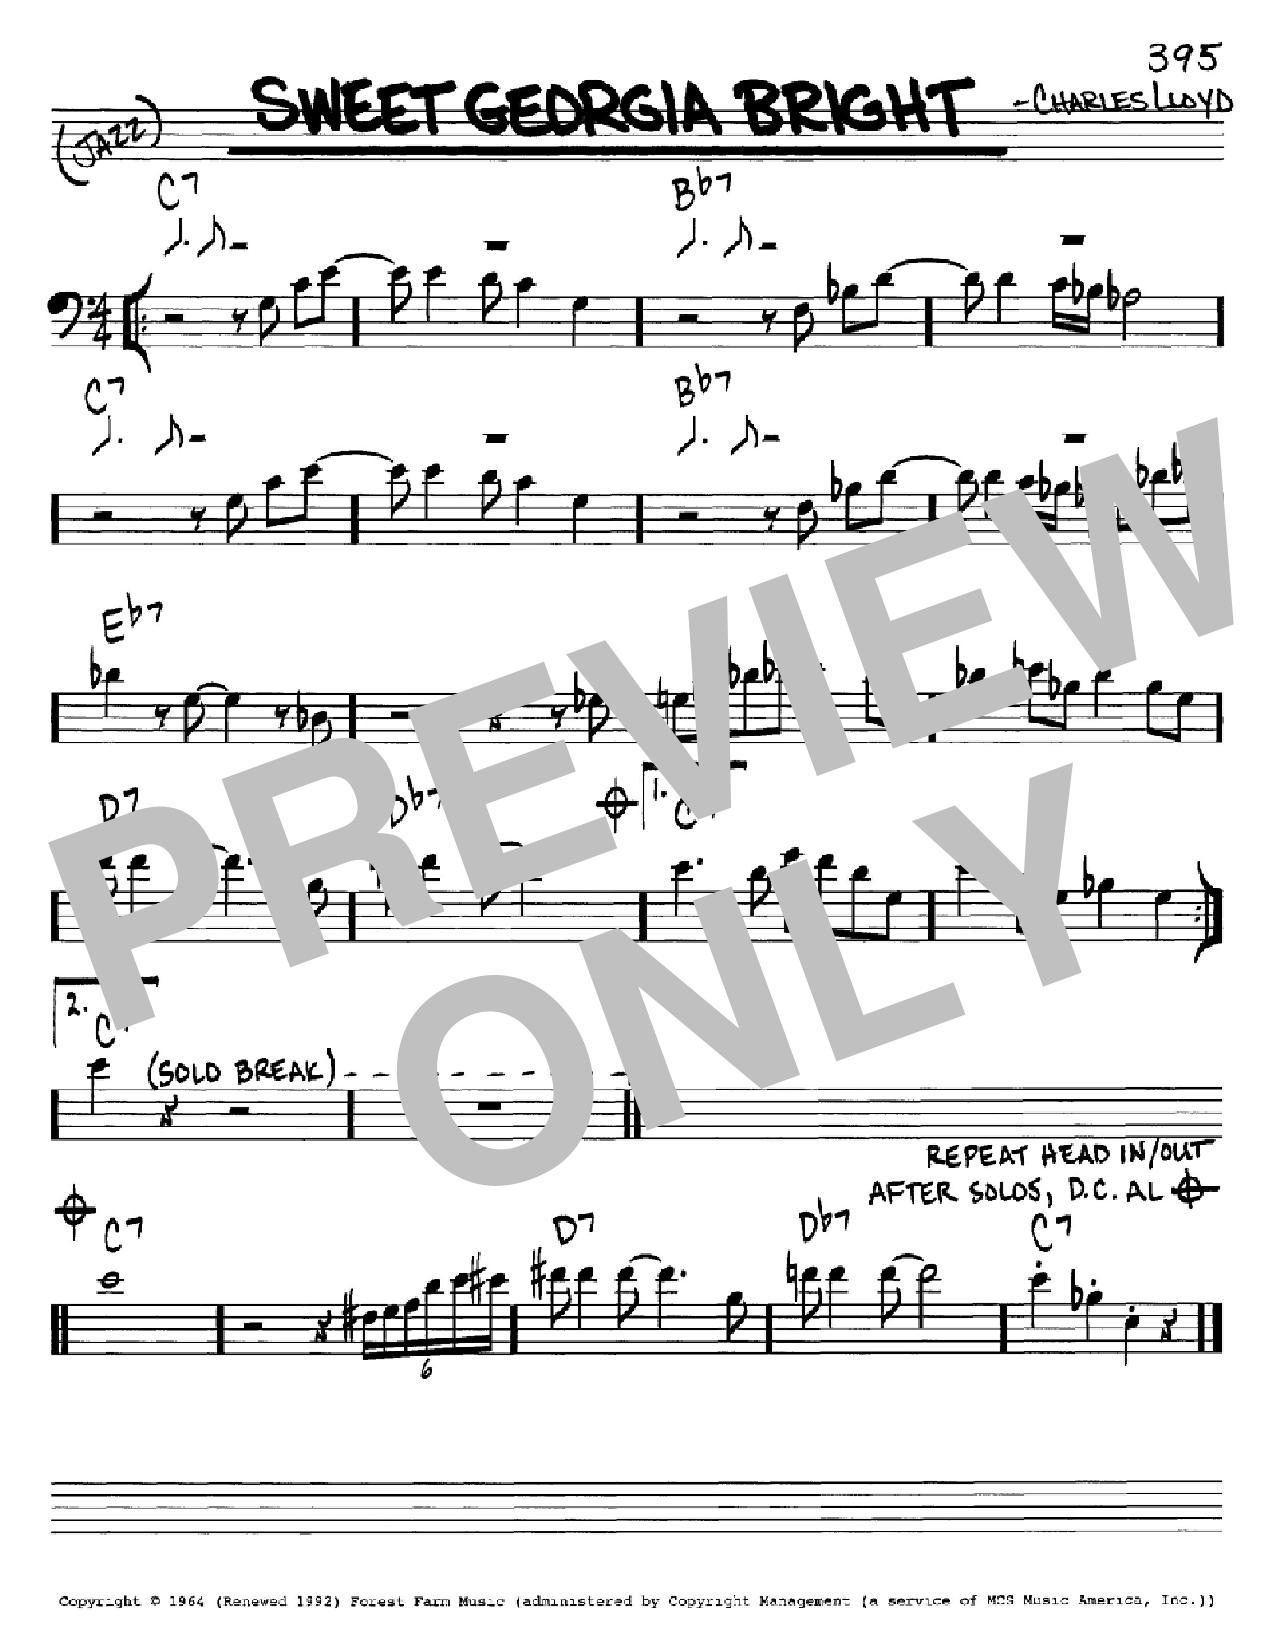 Partition autre Sweet Georgia Bright de Charles Lloyd - Real Book, Melodie et Accords, Inst. En cle de Fa